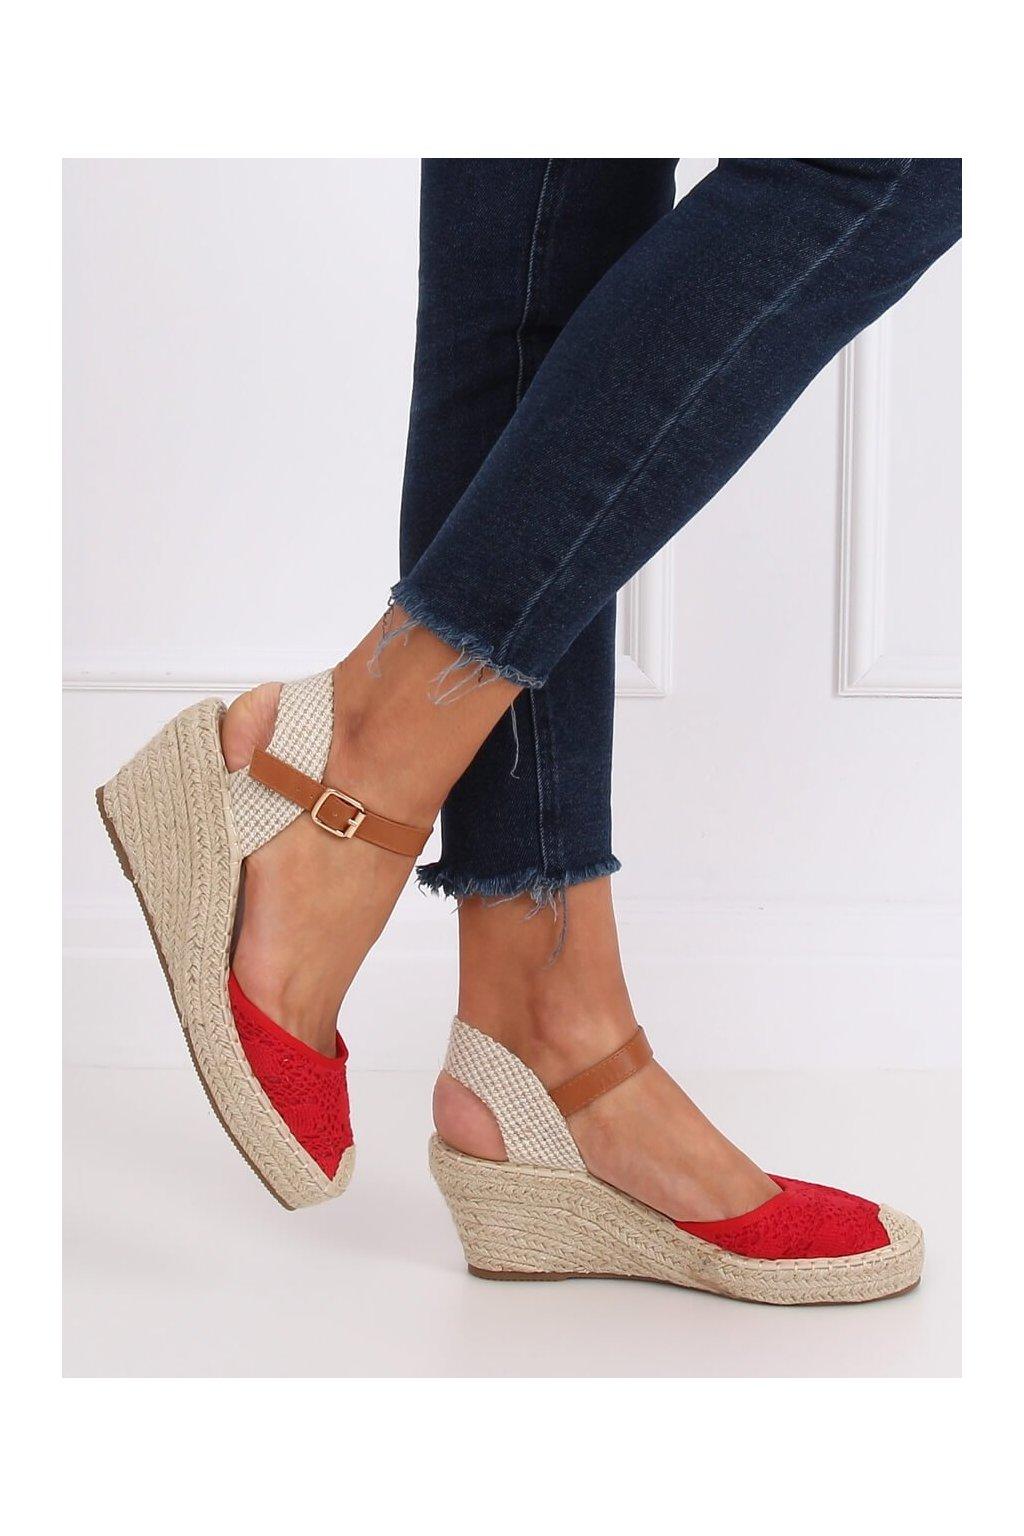 Dámske sandále červené na platforme S-819